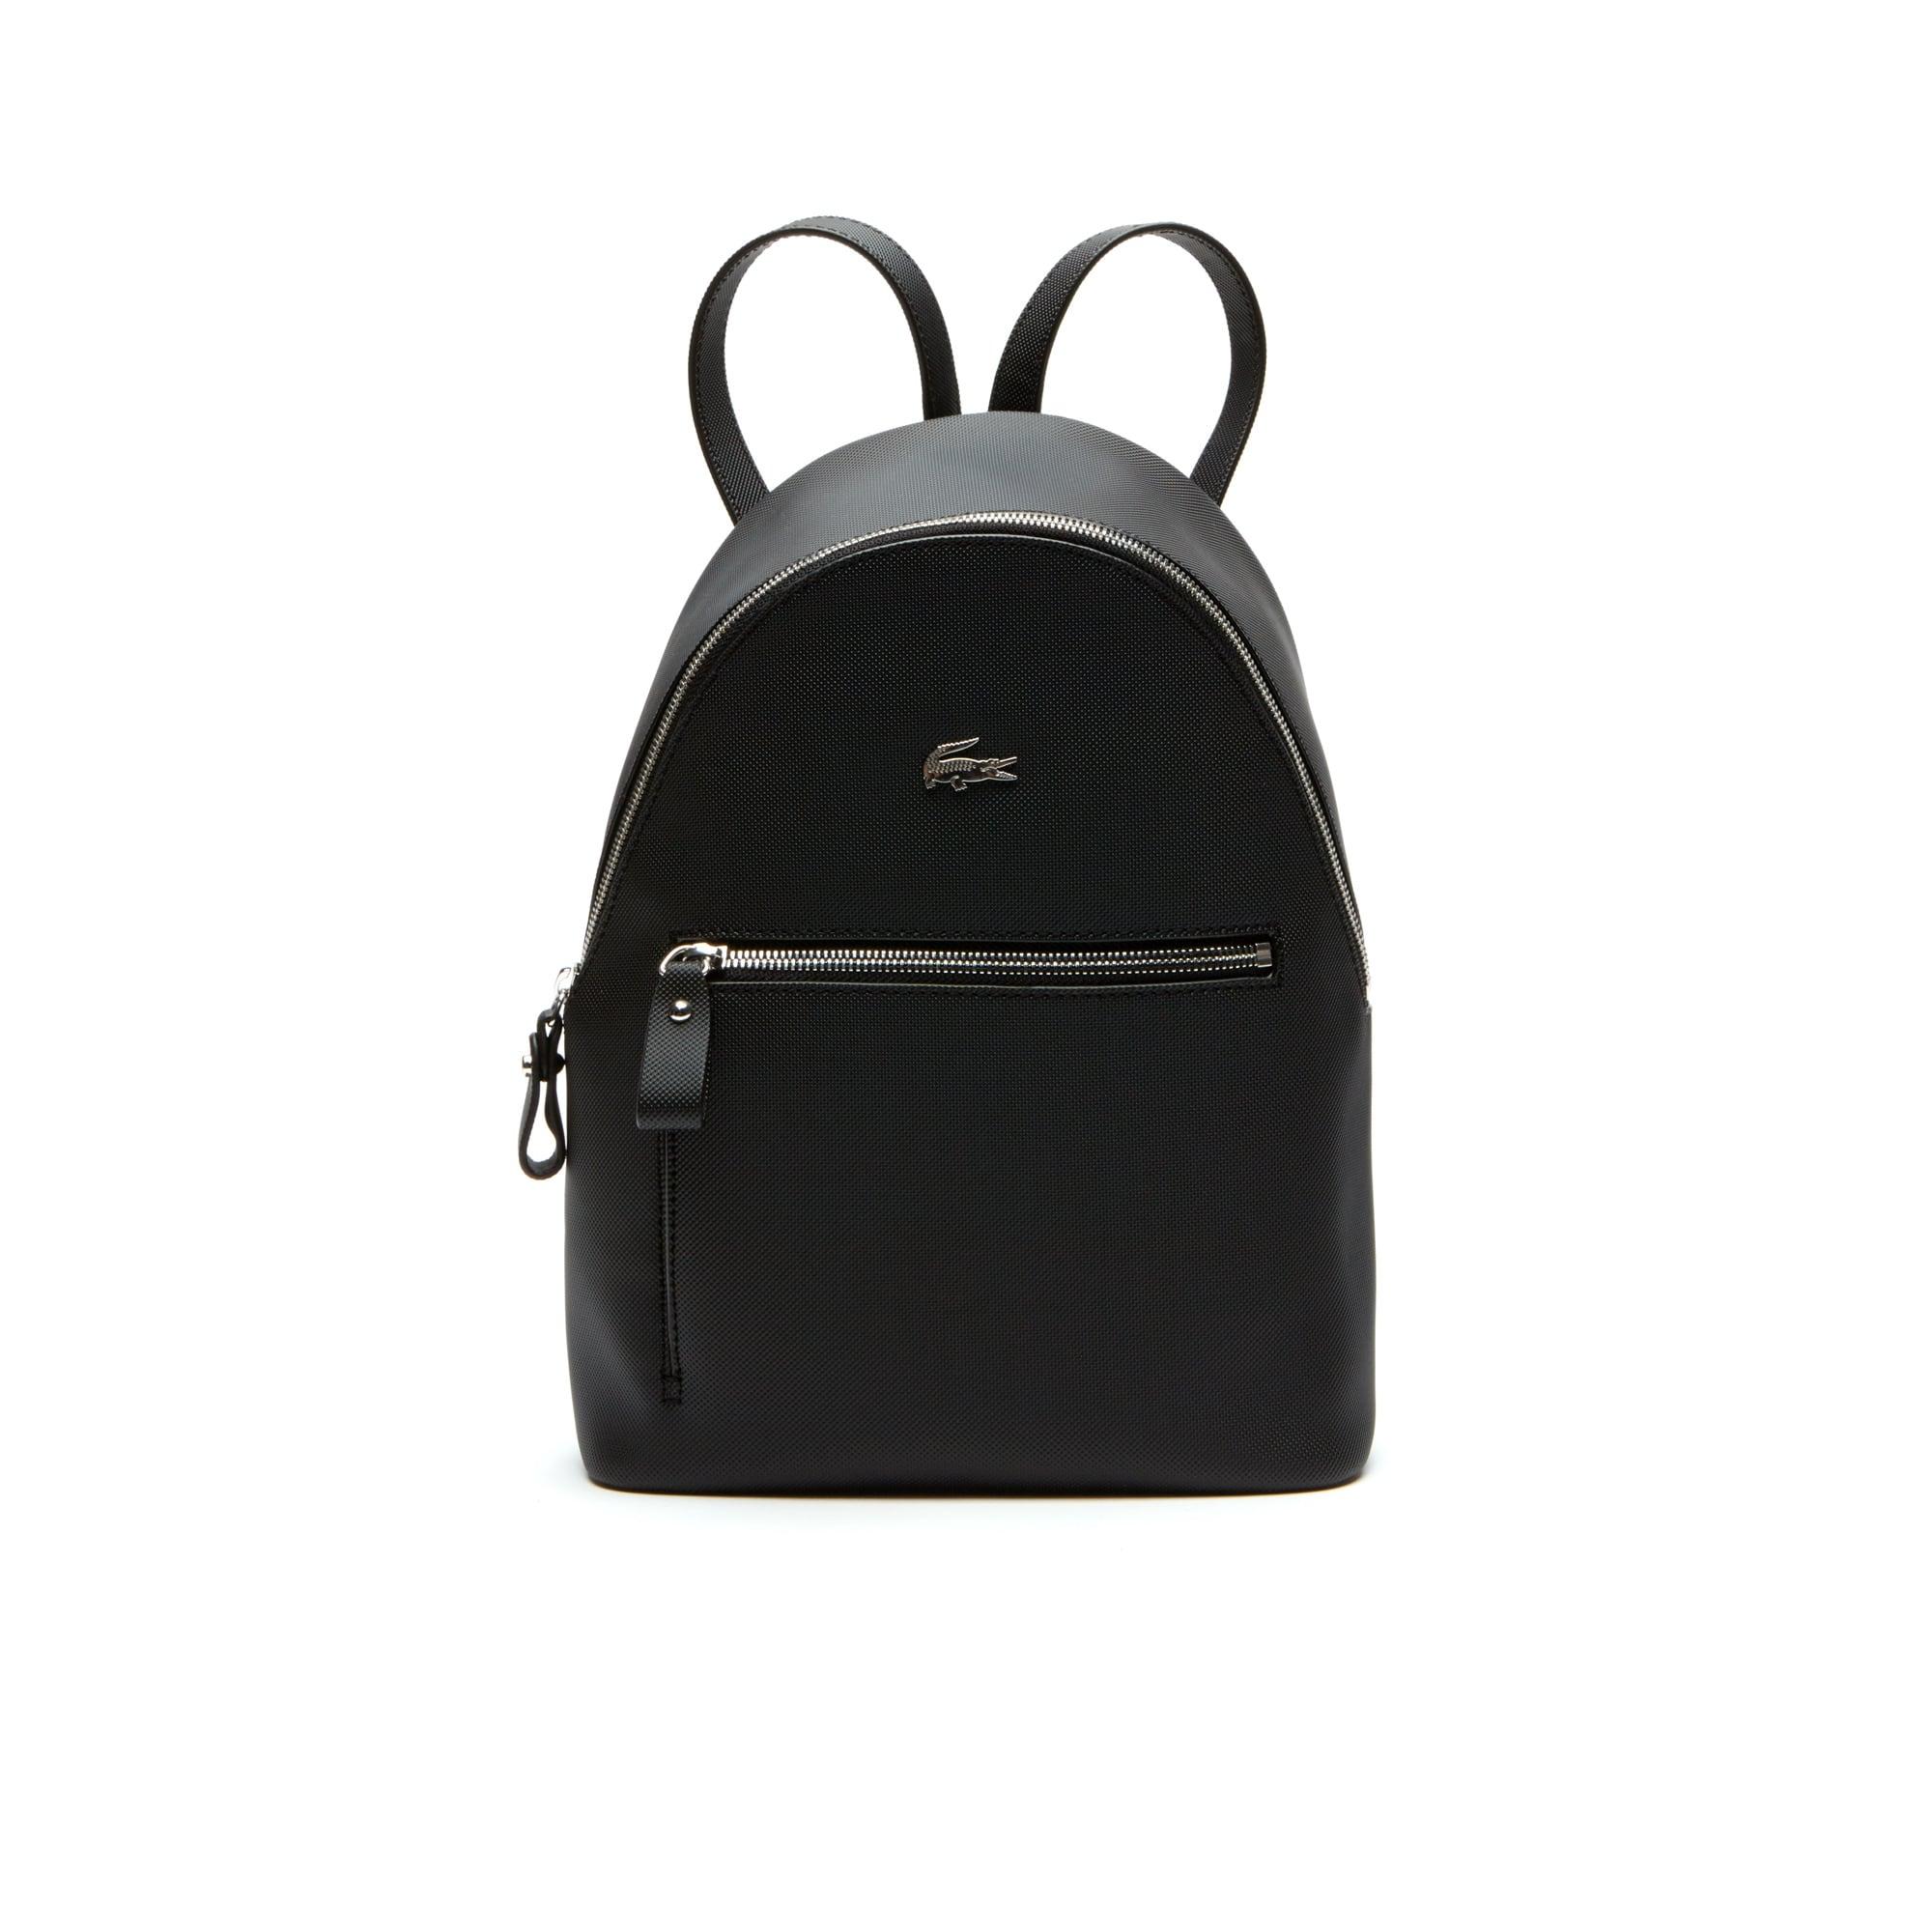 حقيبة ظهر مُصنَّعة من قماش الكنفا بأسلوب بيكيه من مجموعة Daily Classic للسيدات